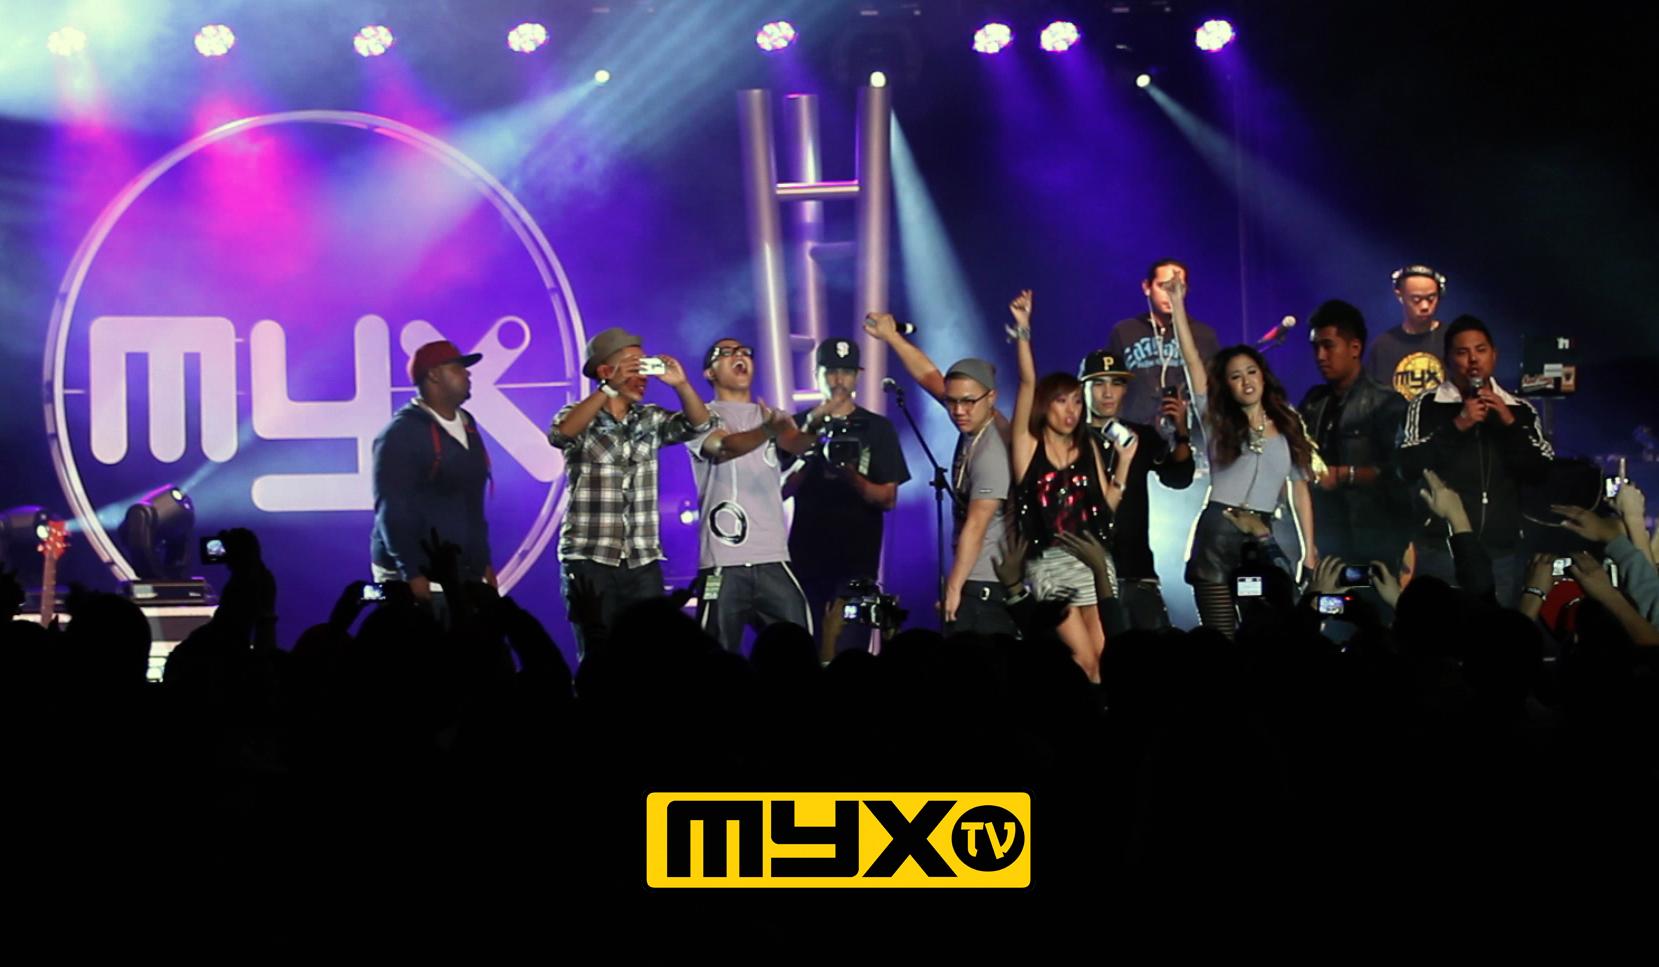 Hasil gambar untuk MYX TV ANC channel